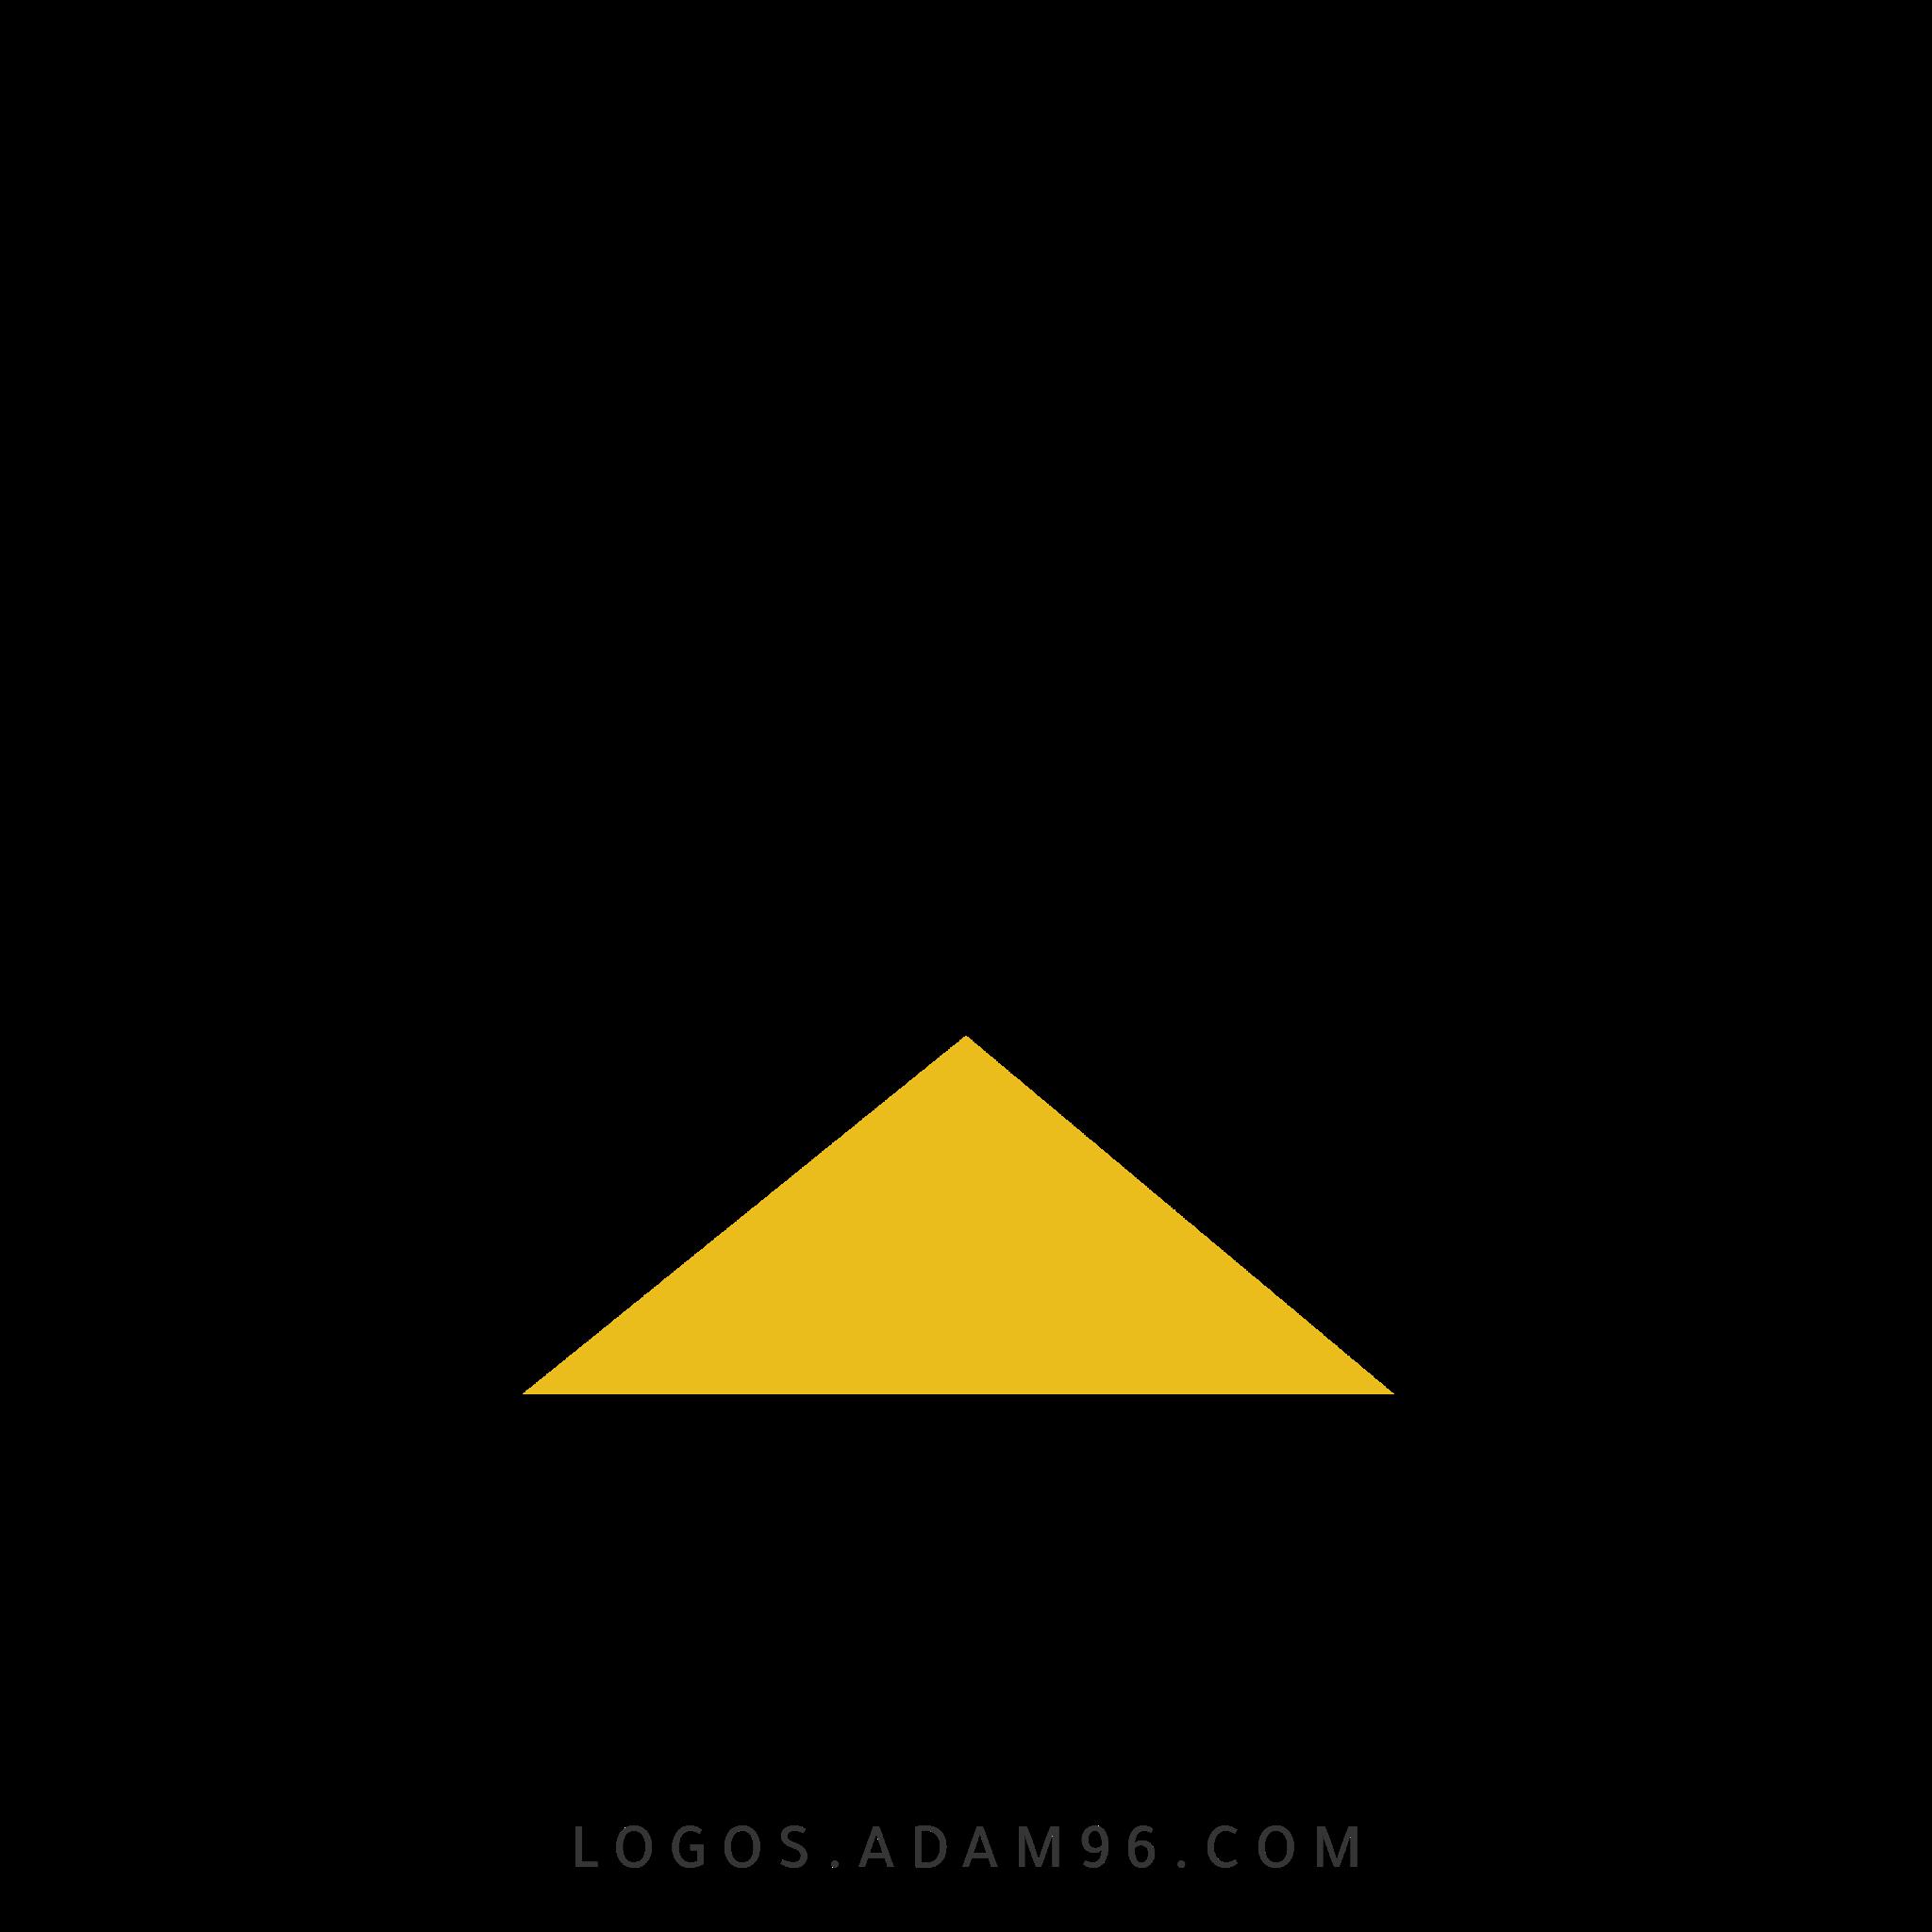 تحميل شعار شركة كاتربيلر العالمية لوجو رسمي عالي الجودة بصيغة PNG